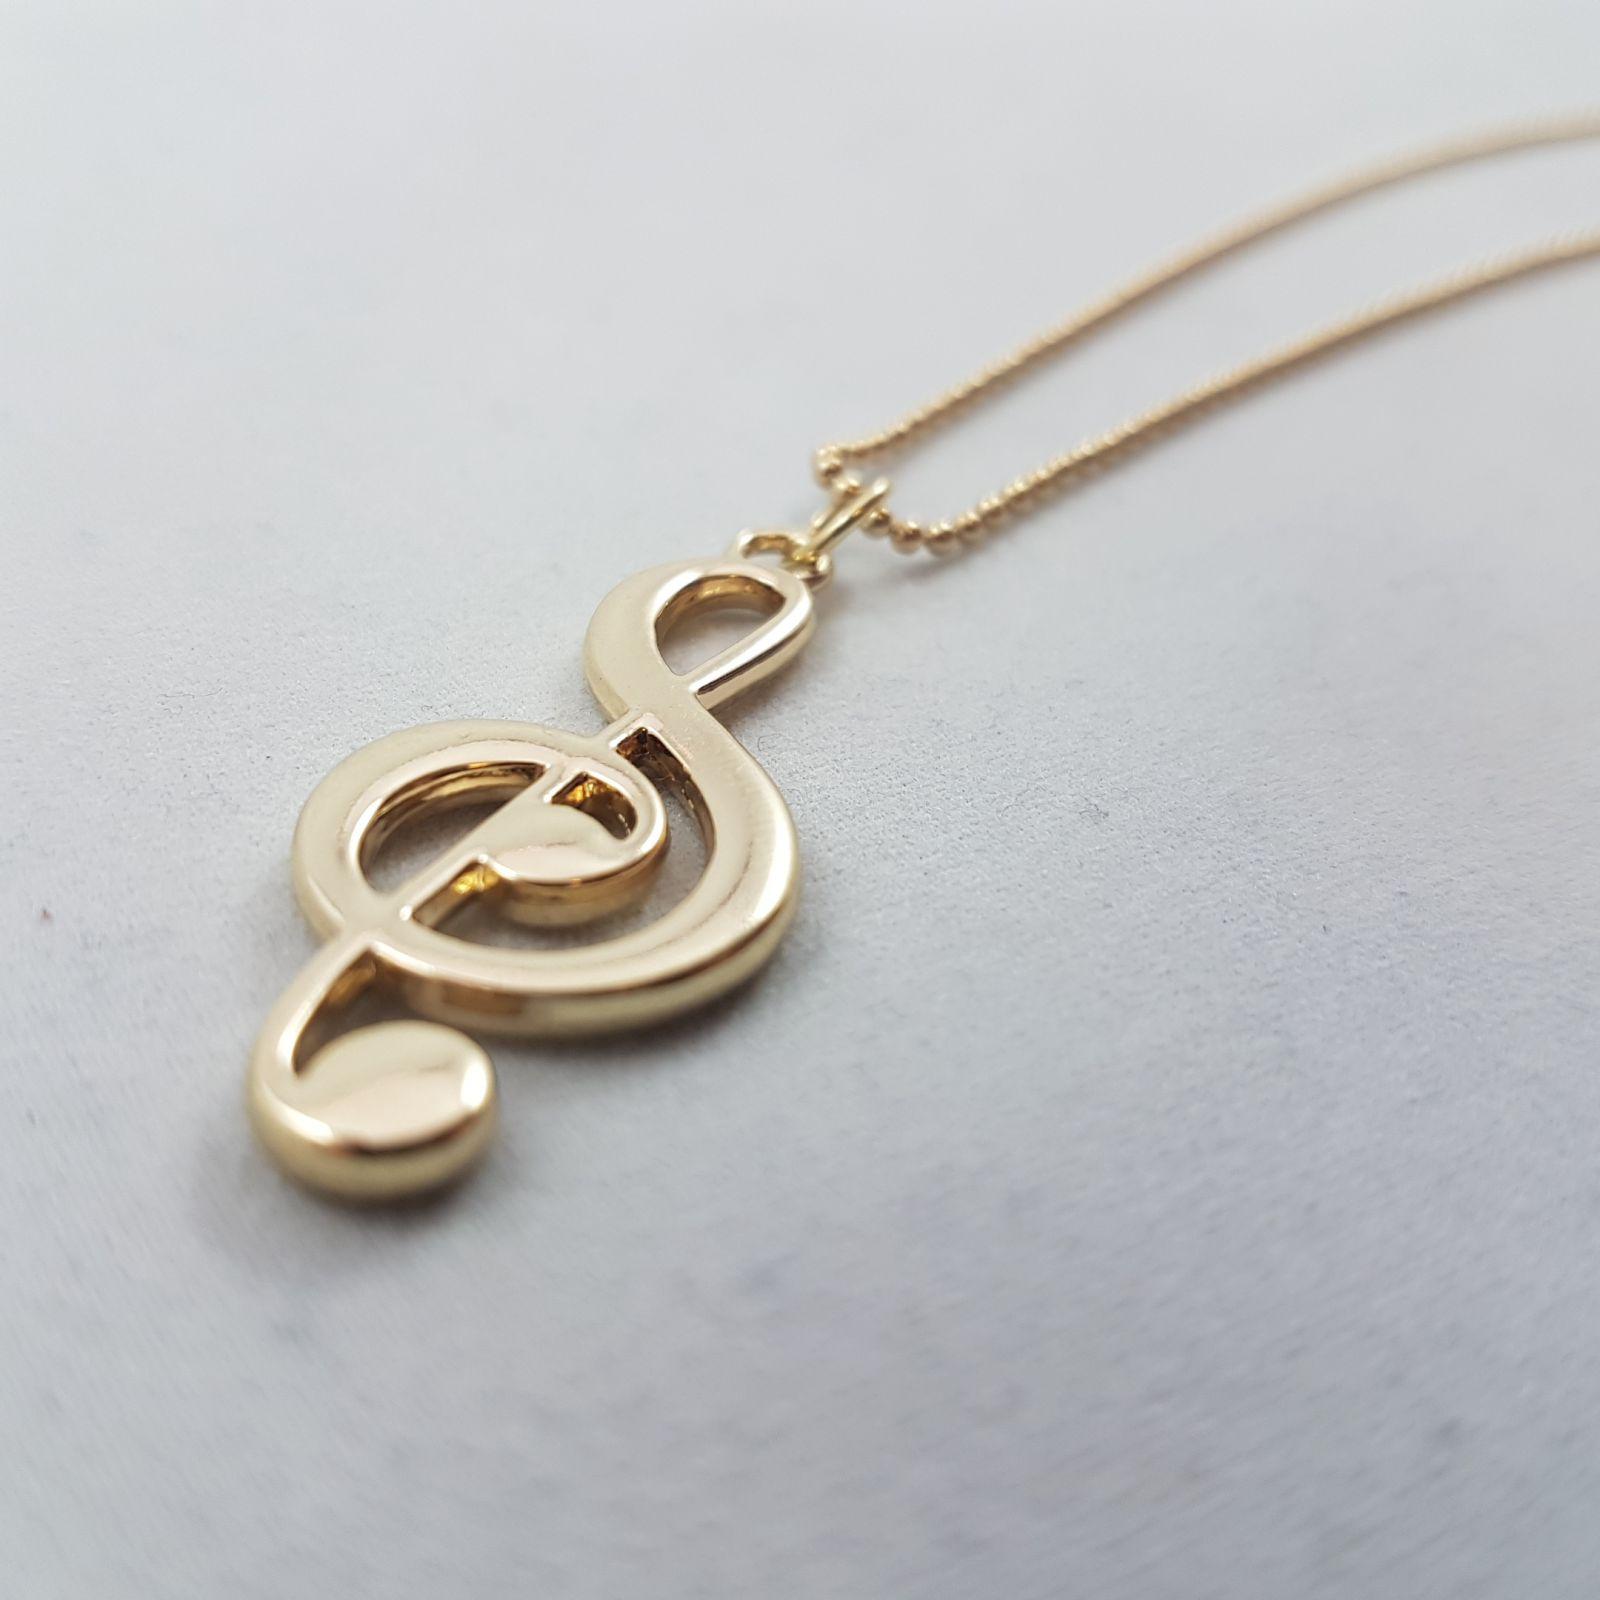 Náhrdelník Zlatý houslový klíč